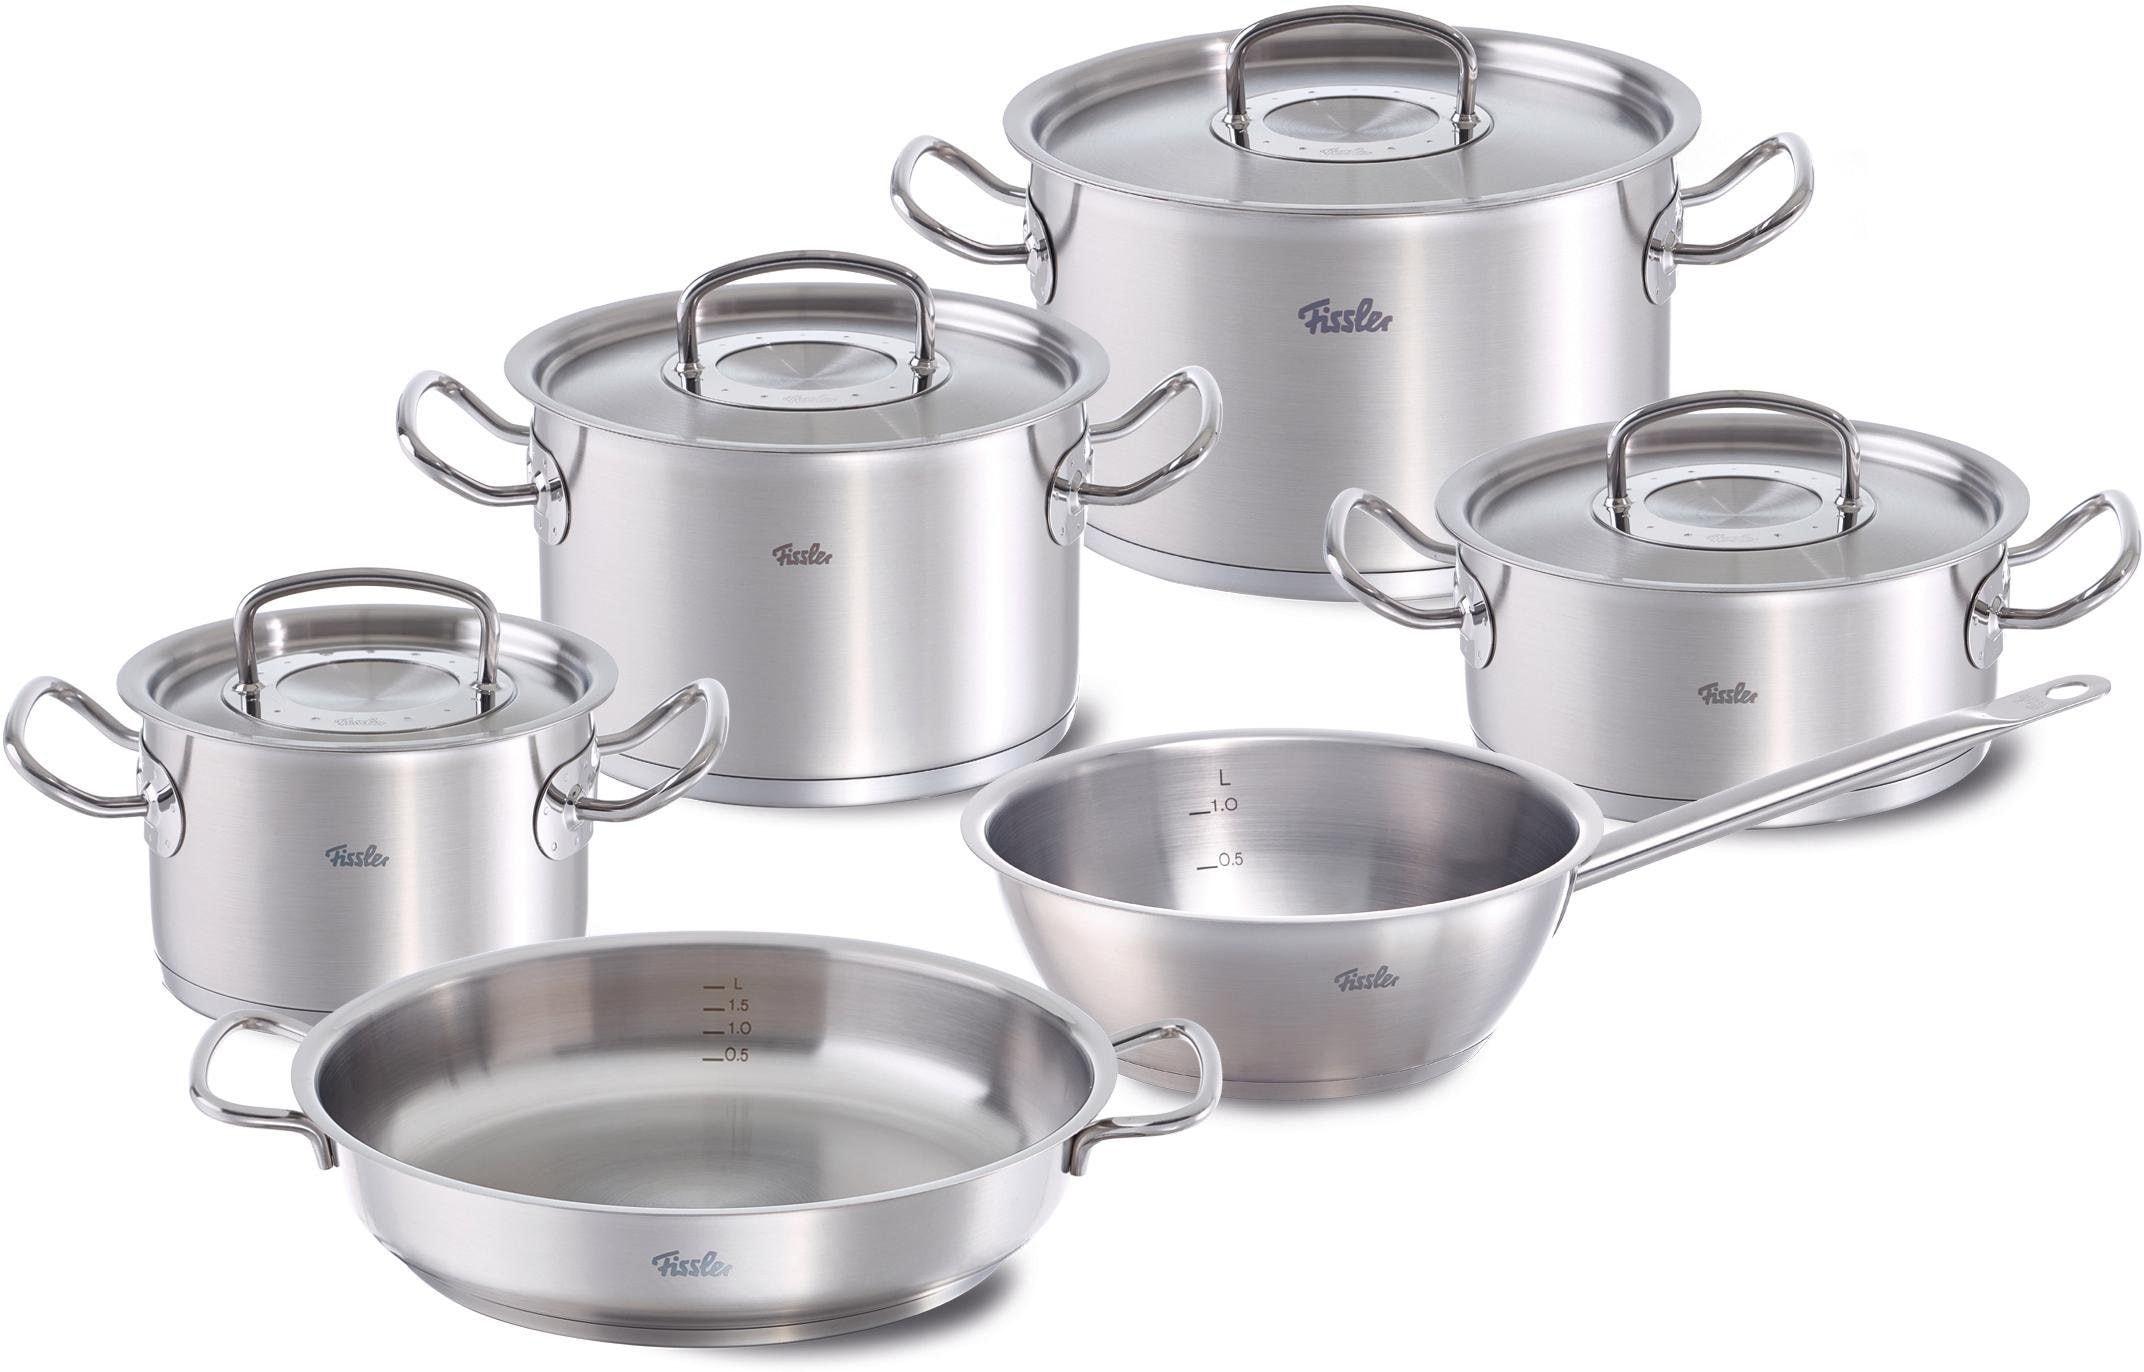 Bratentopf Kochtopf 5-tlg Edelstahl Fissler Family Line Set Stielkasserolle